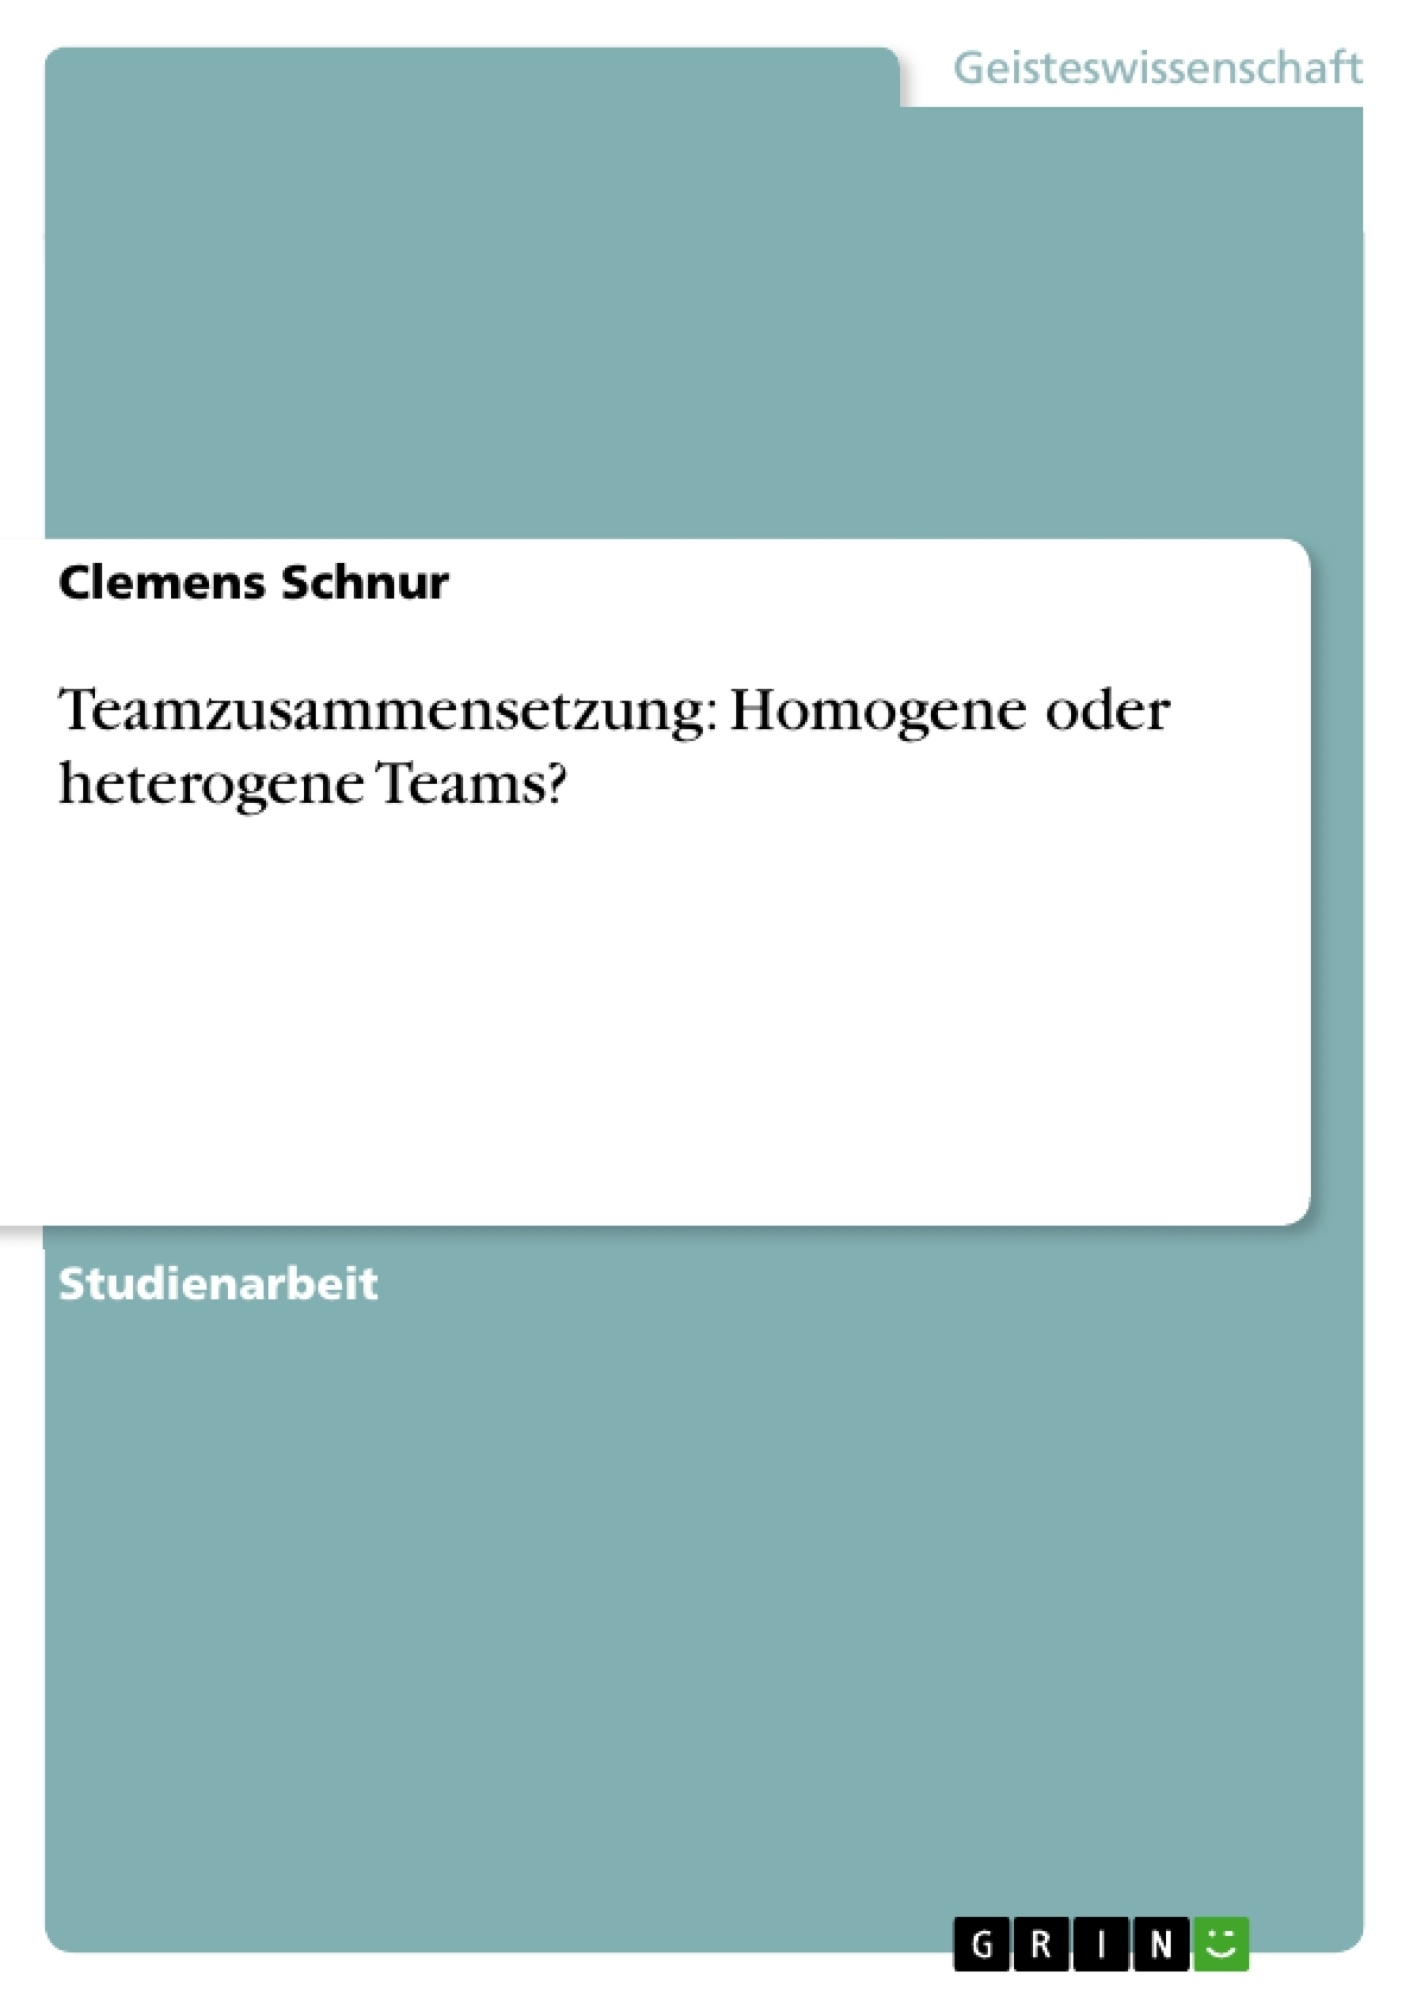 Titel: Teamzusammensetzung: Homogene oder heterogene Teams?